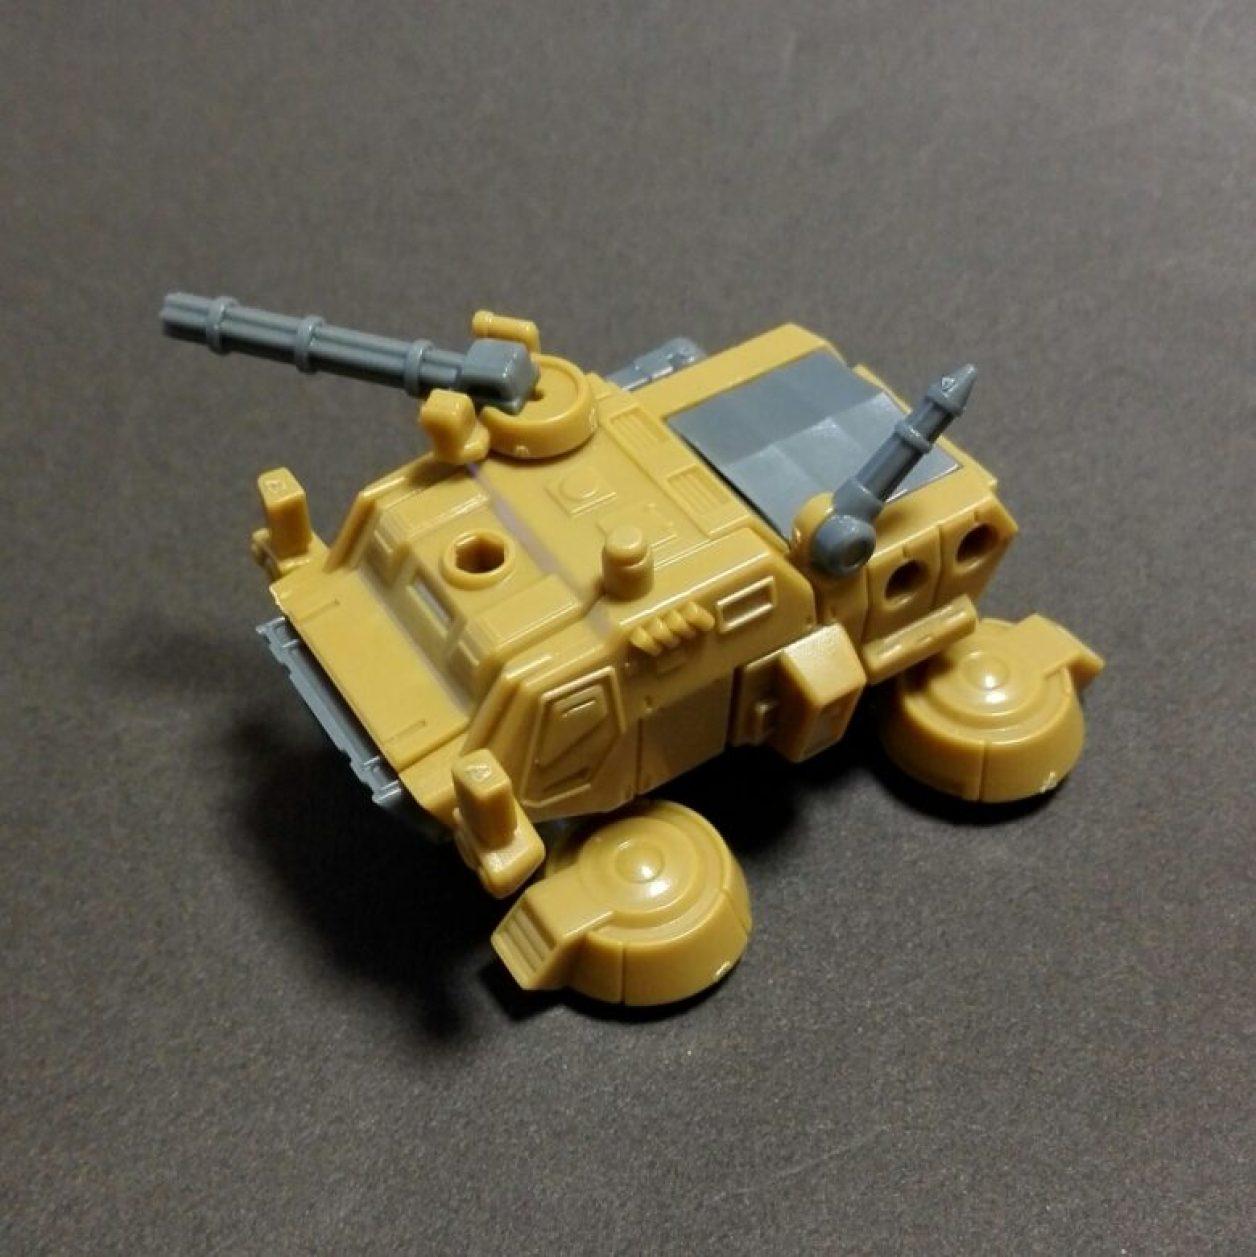 MOBILE SUIT ENSEMBLE(モビルスーツアンサンブル)09弾より機動戦士ガンダムに登場するホバートラックの画像